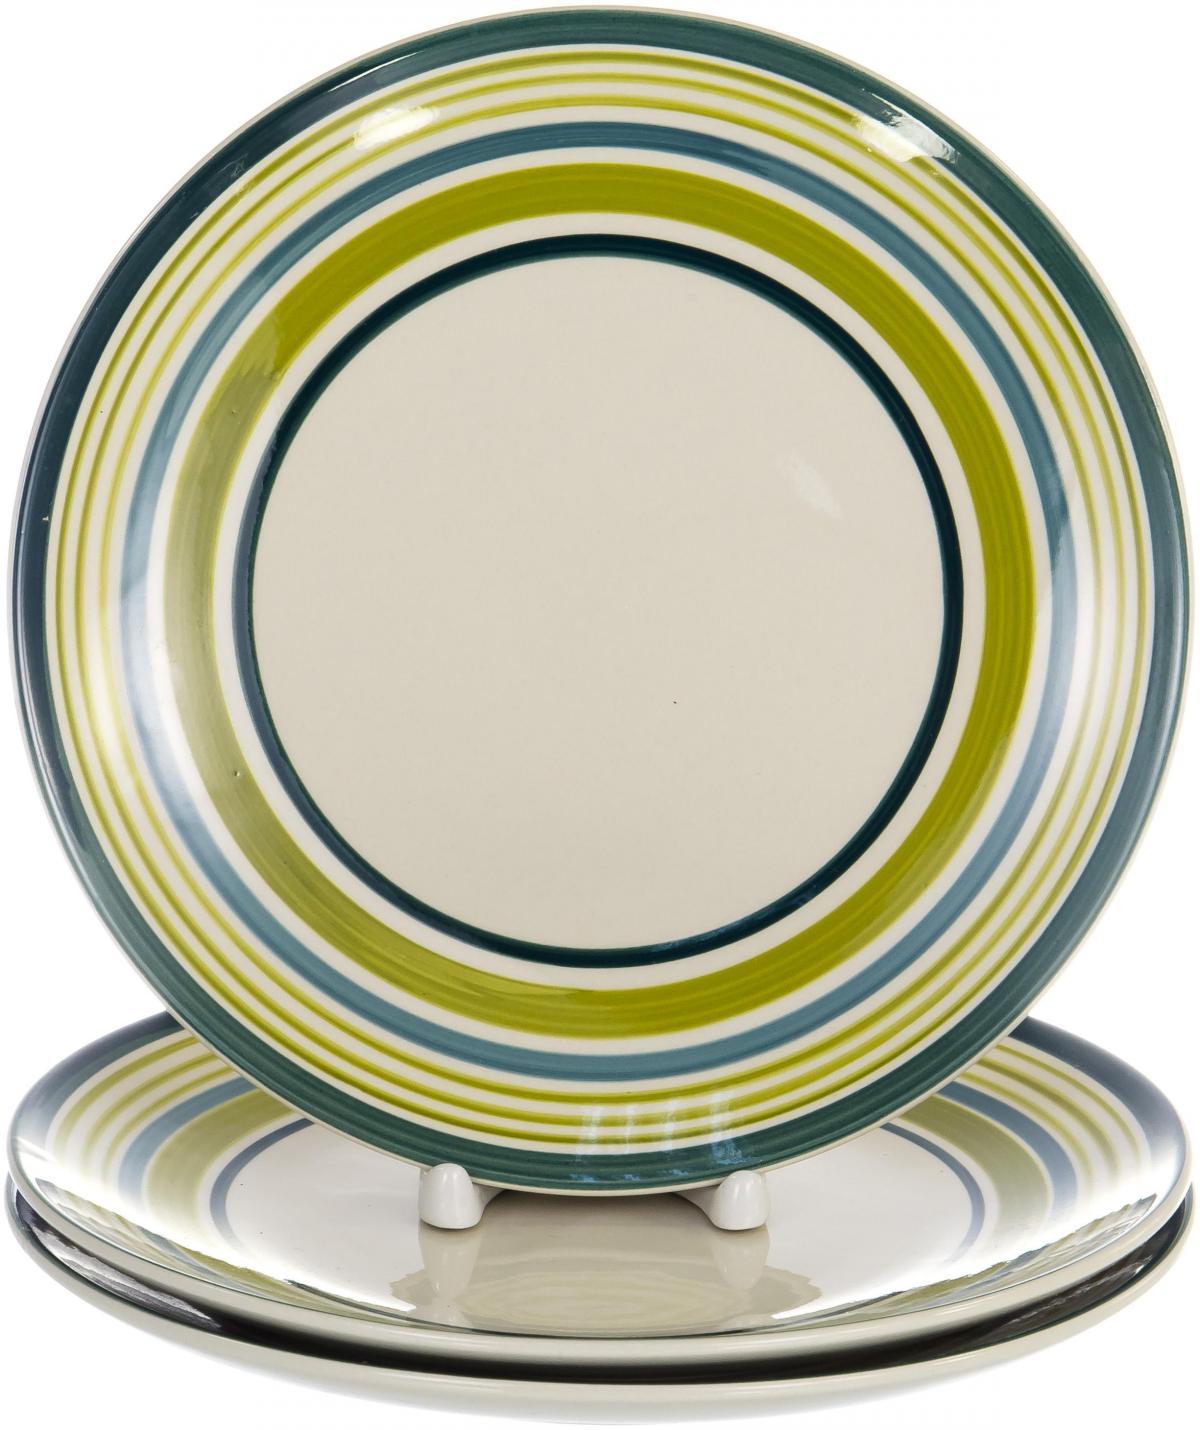 """Набор Elrington """"Меридианы"""" выполнен из фарфора. Включает в себя три тарелки диаметром 220 мм.  Тарелки с оригинальным дизайном обязательно понравятся вам и вашим гостям."""